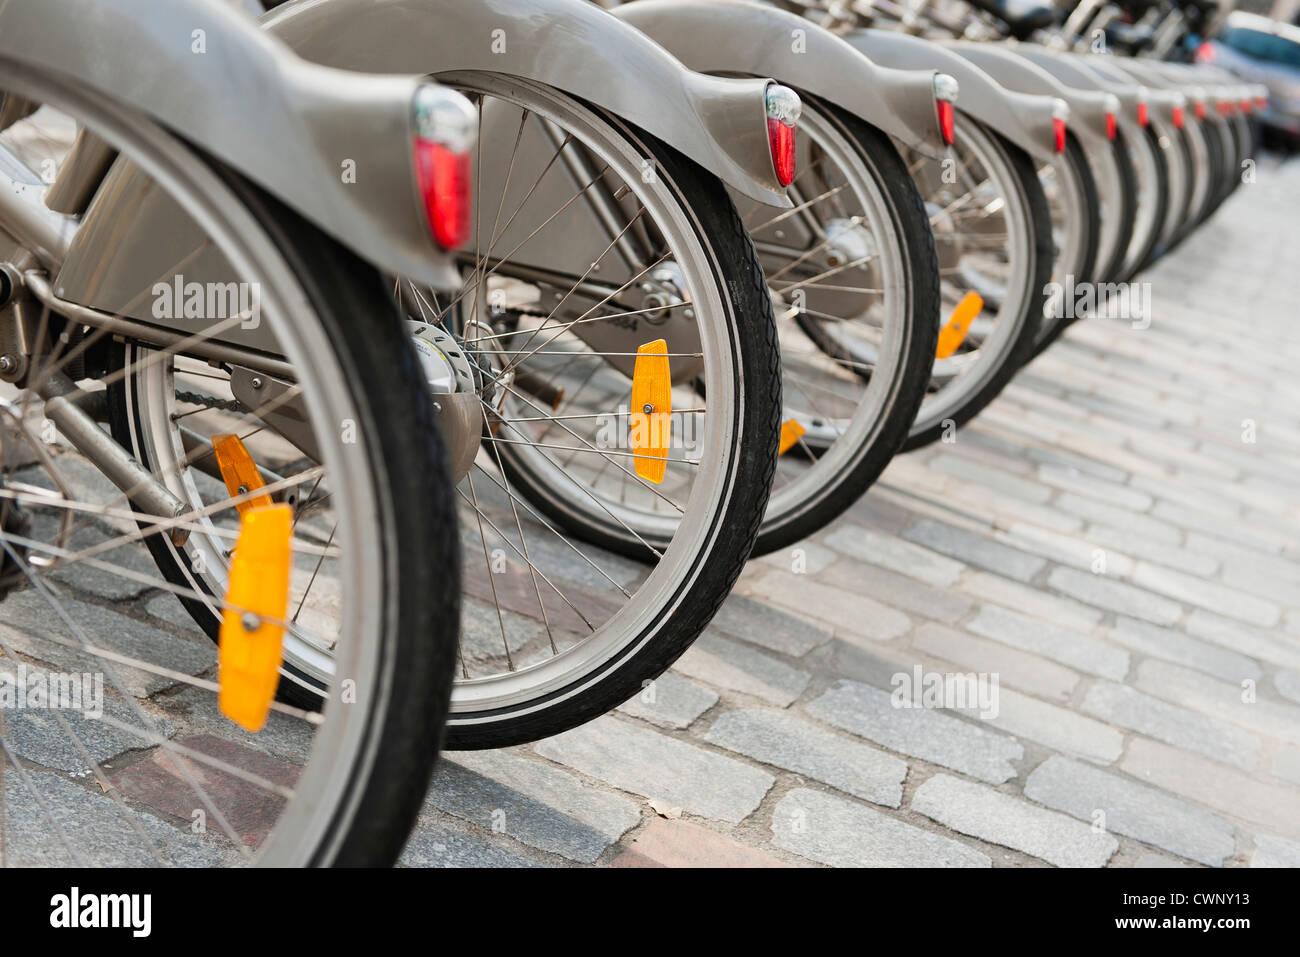 Bicicletas aparcadas en una fila, recortadas Imagen De Stock